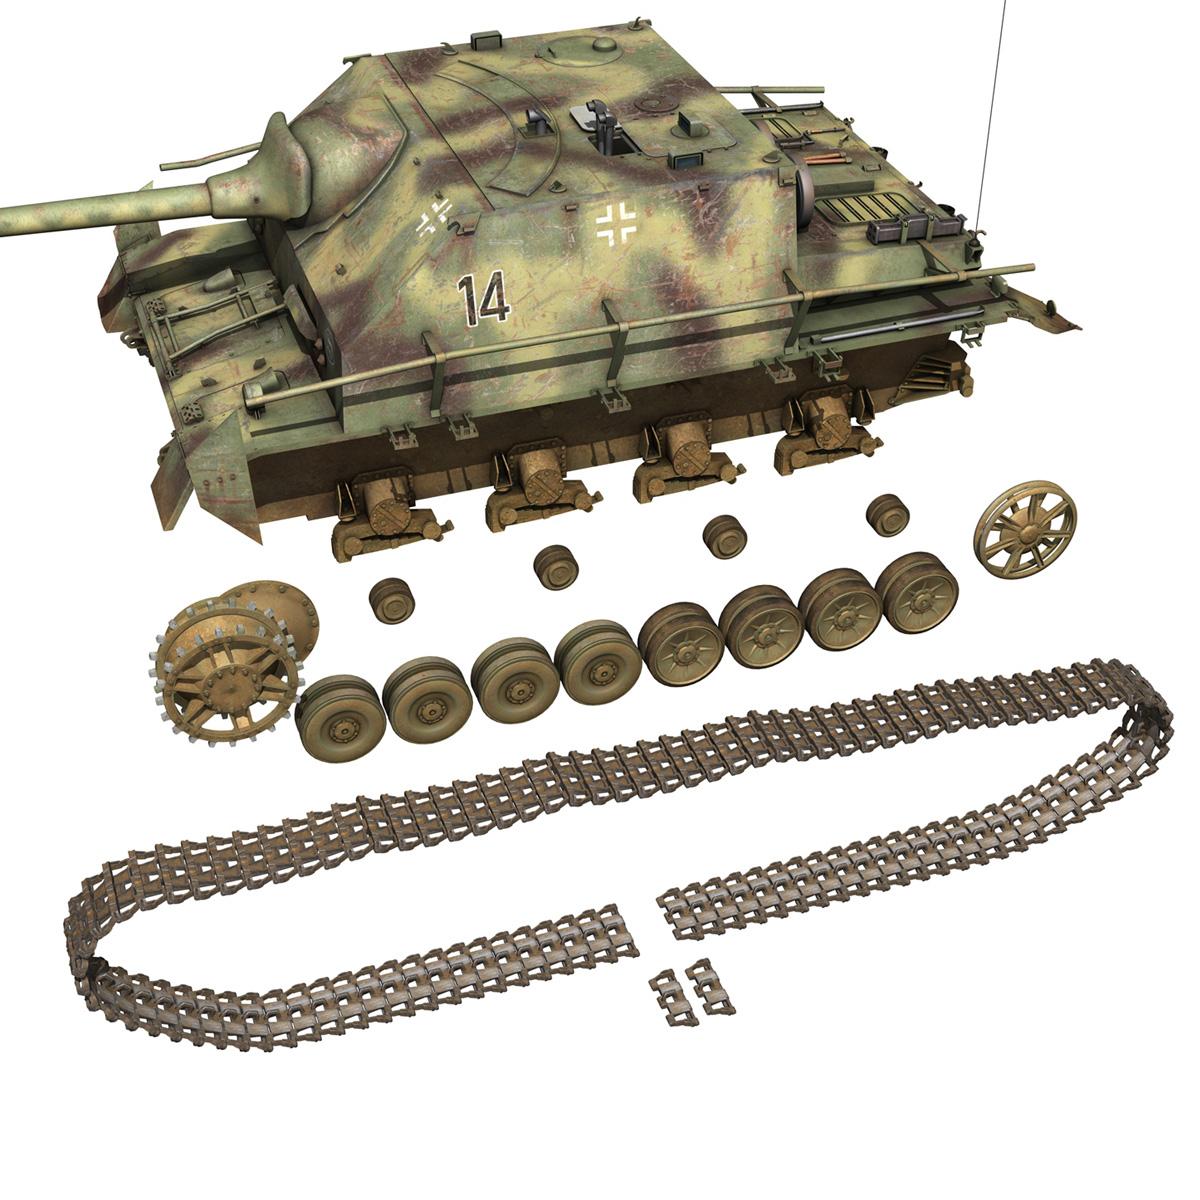 jagdpanzer iv l/70 (a) – 14 3d model 3ds fbx c4d lwo obj 282336